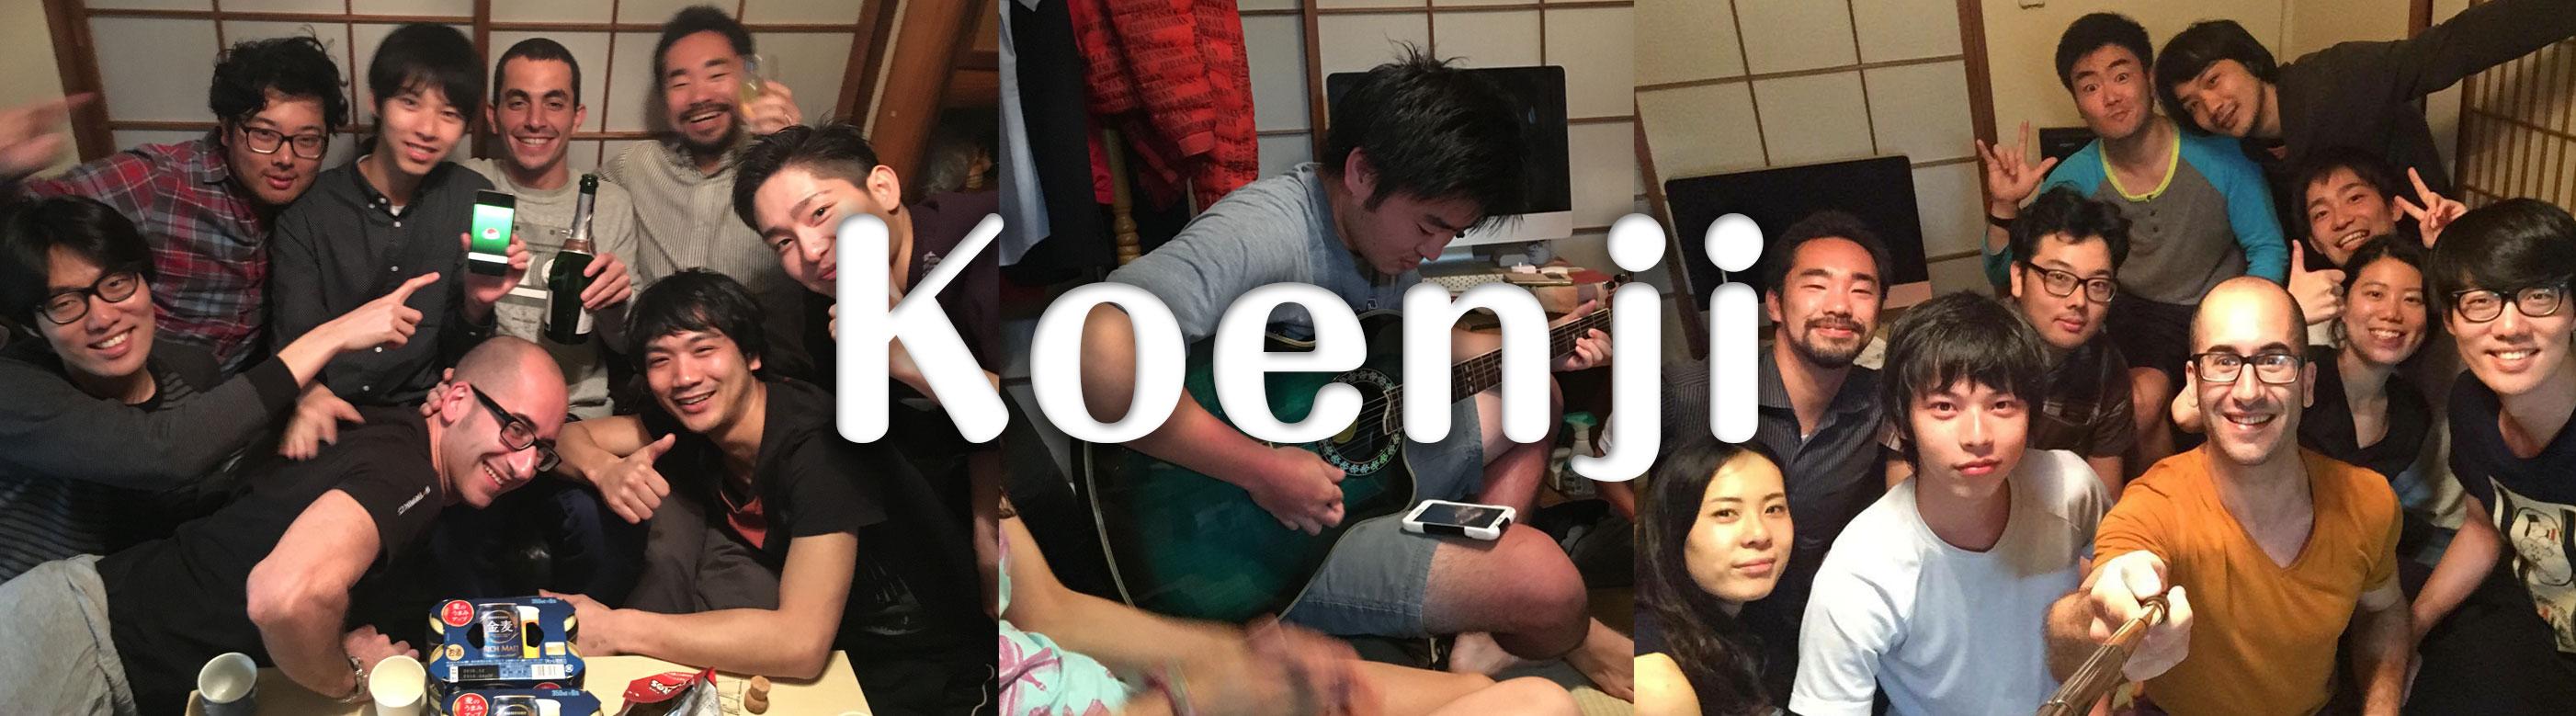 kouenji_en